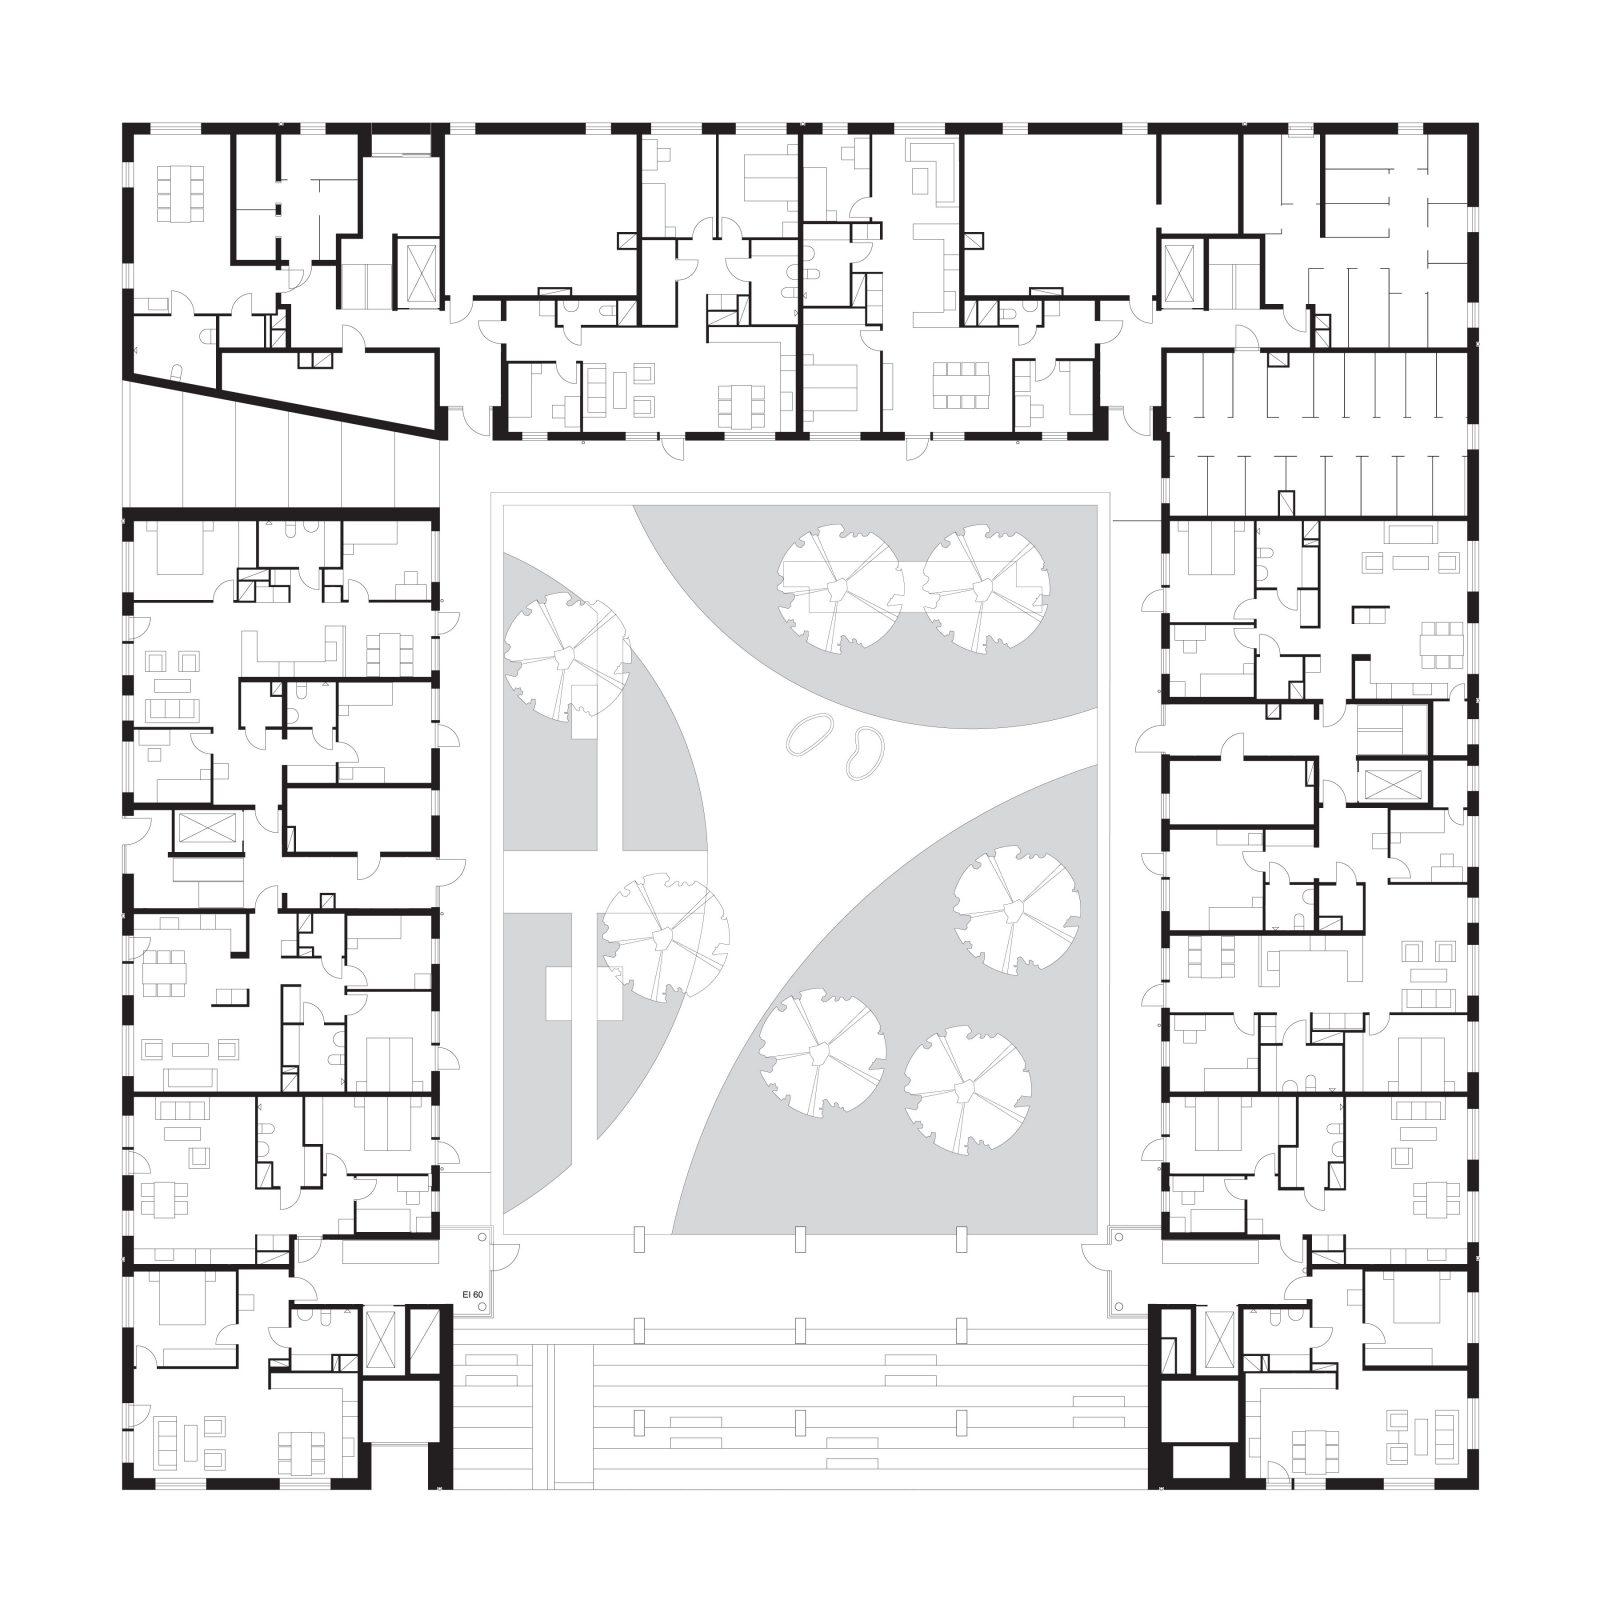 KjellanderSjoberg Monoliten plan01